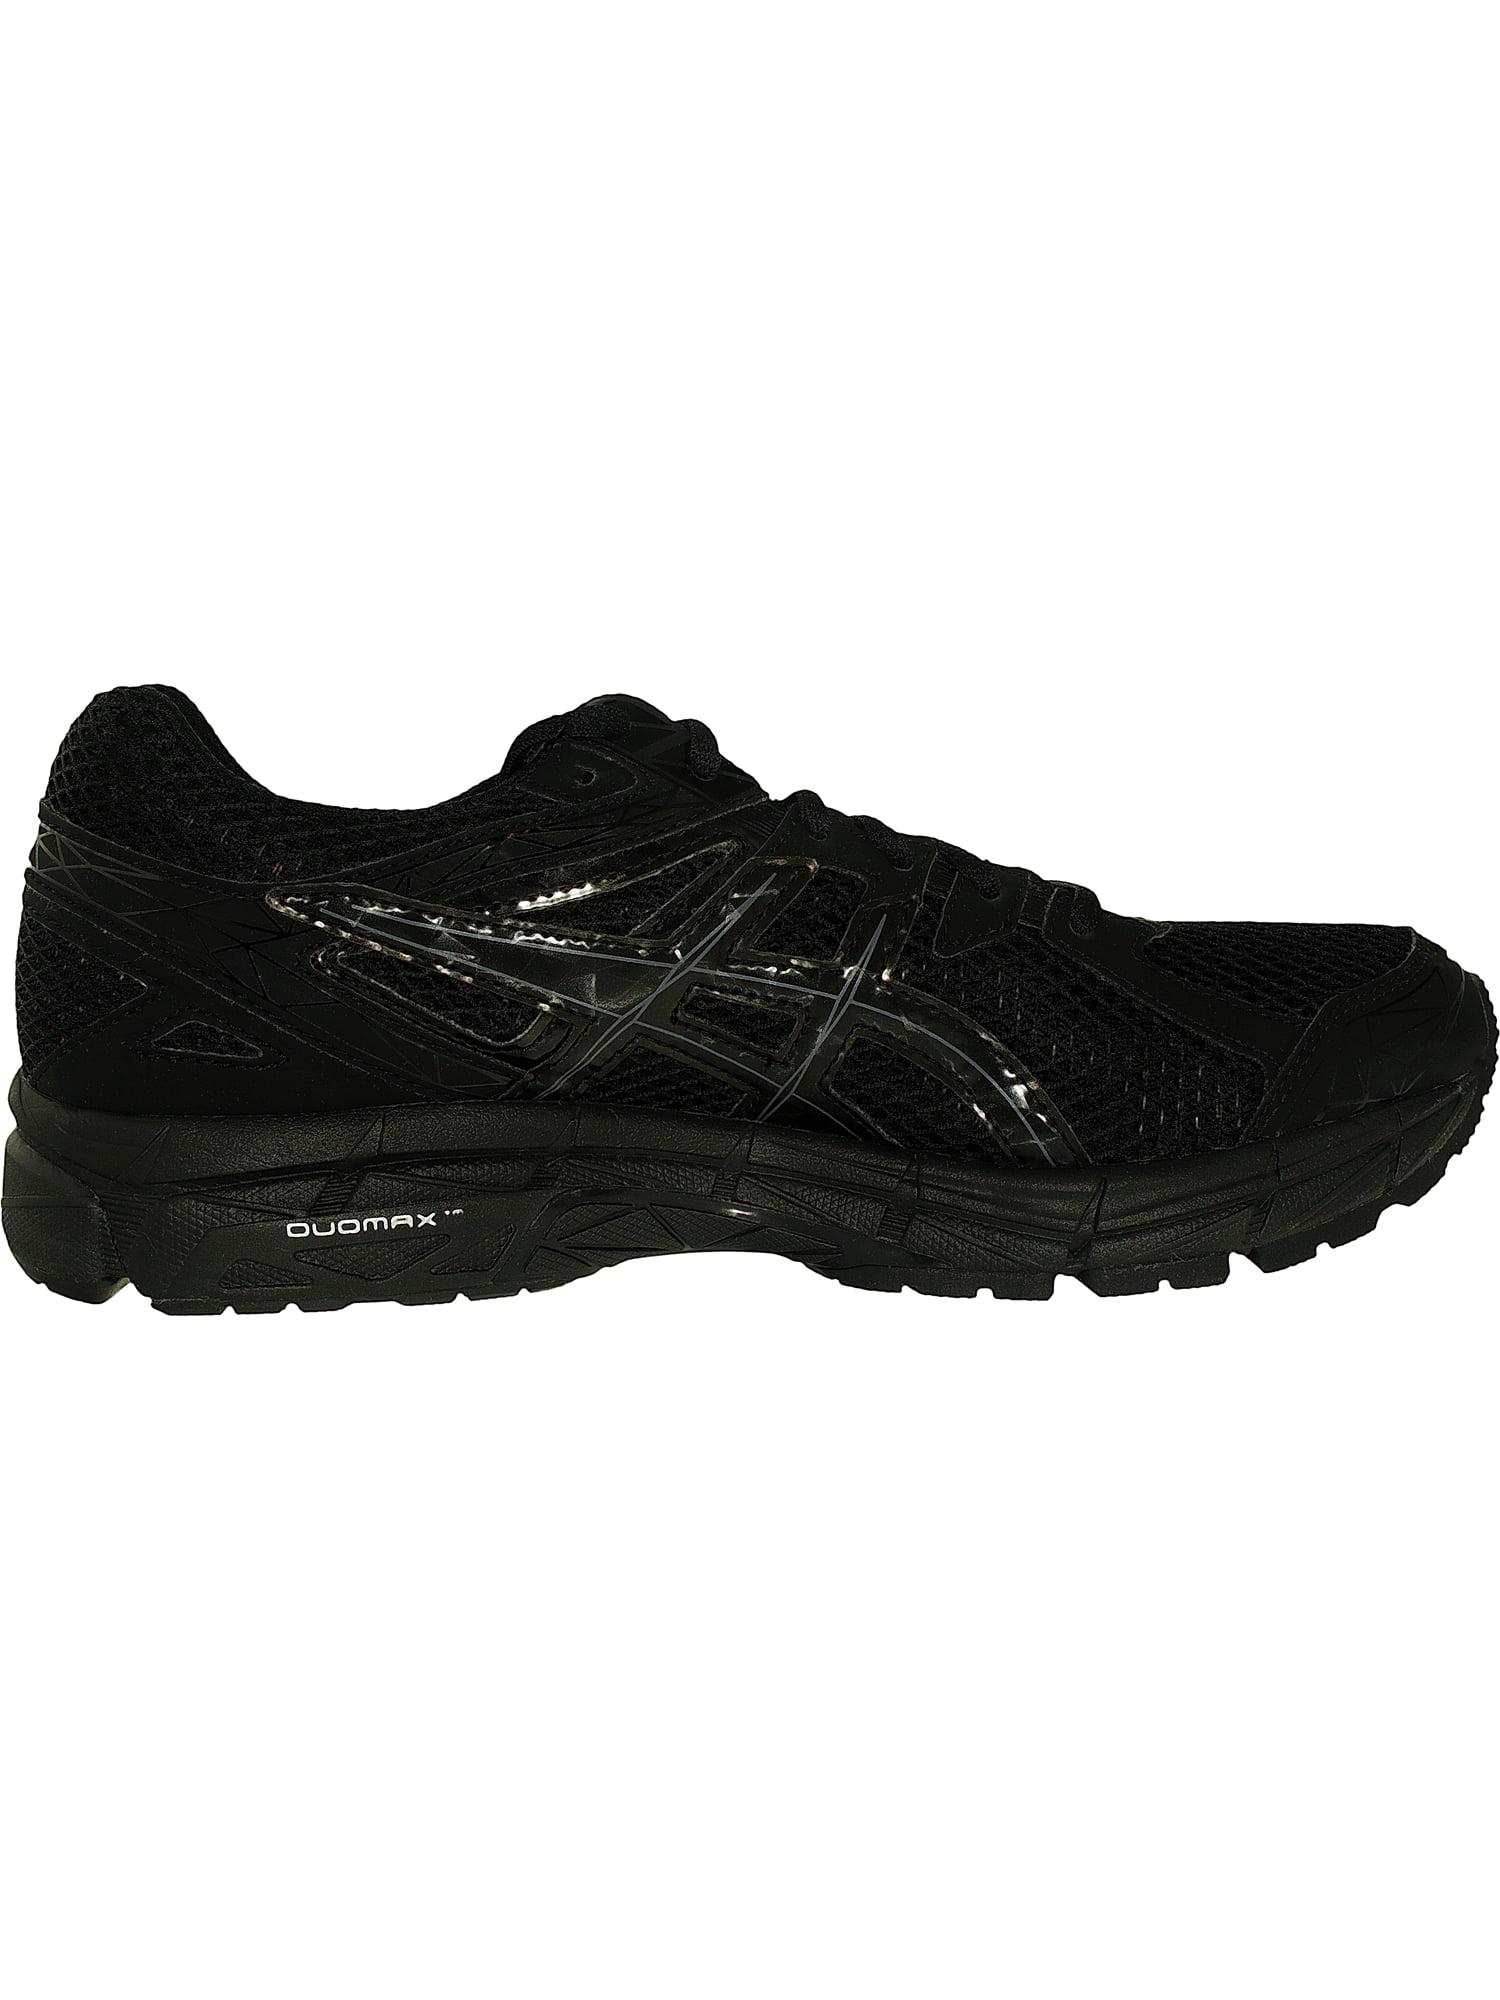 Asics Men's Gt-1000 3 Black/Onyx/Lightning Ankle-High Running Shoe - 7.5WW